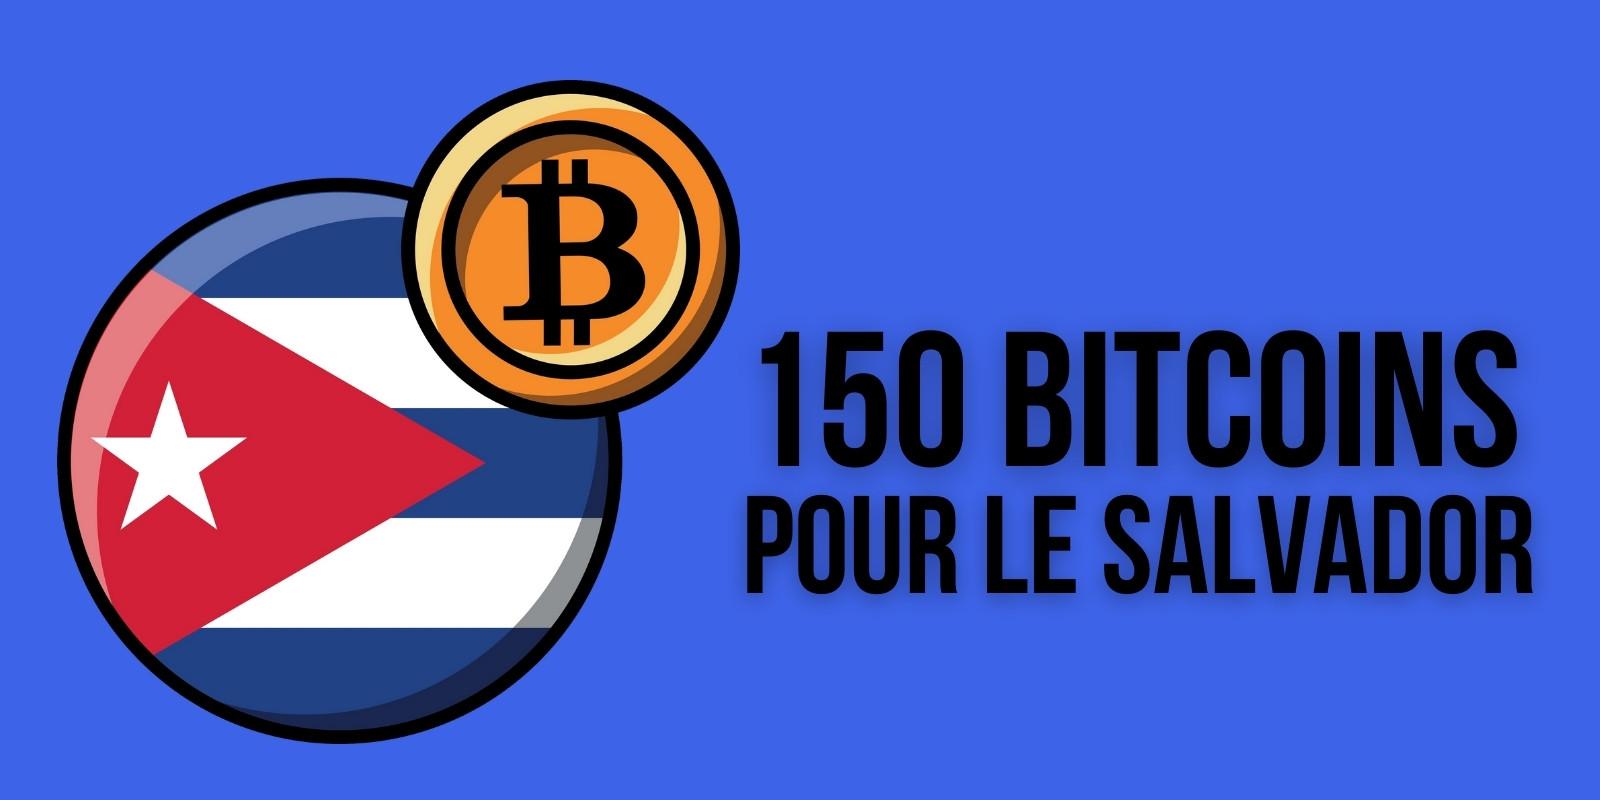 Le Salvador profite de la chute pour se réapprovisionner avec un achat de 420 bitcoins (BTC)